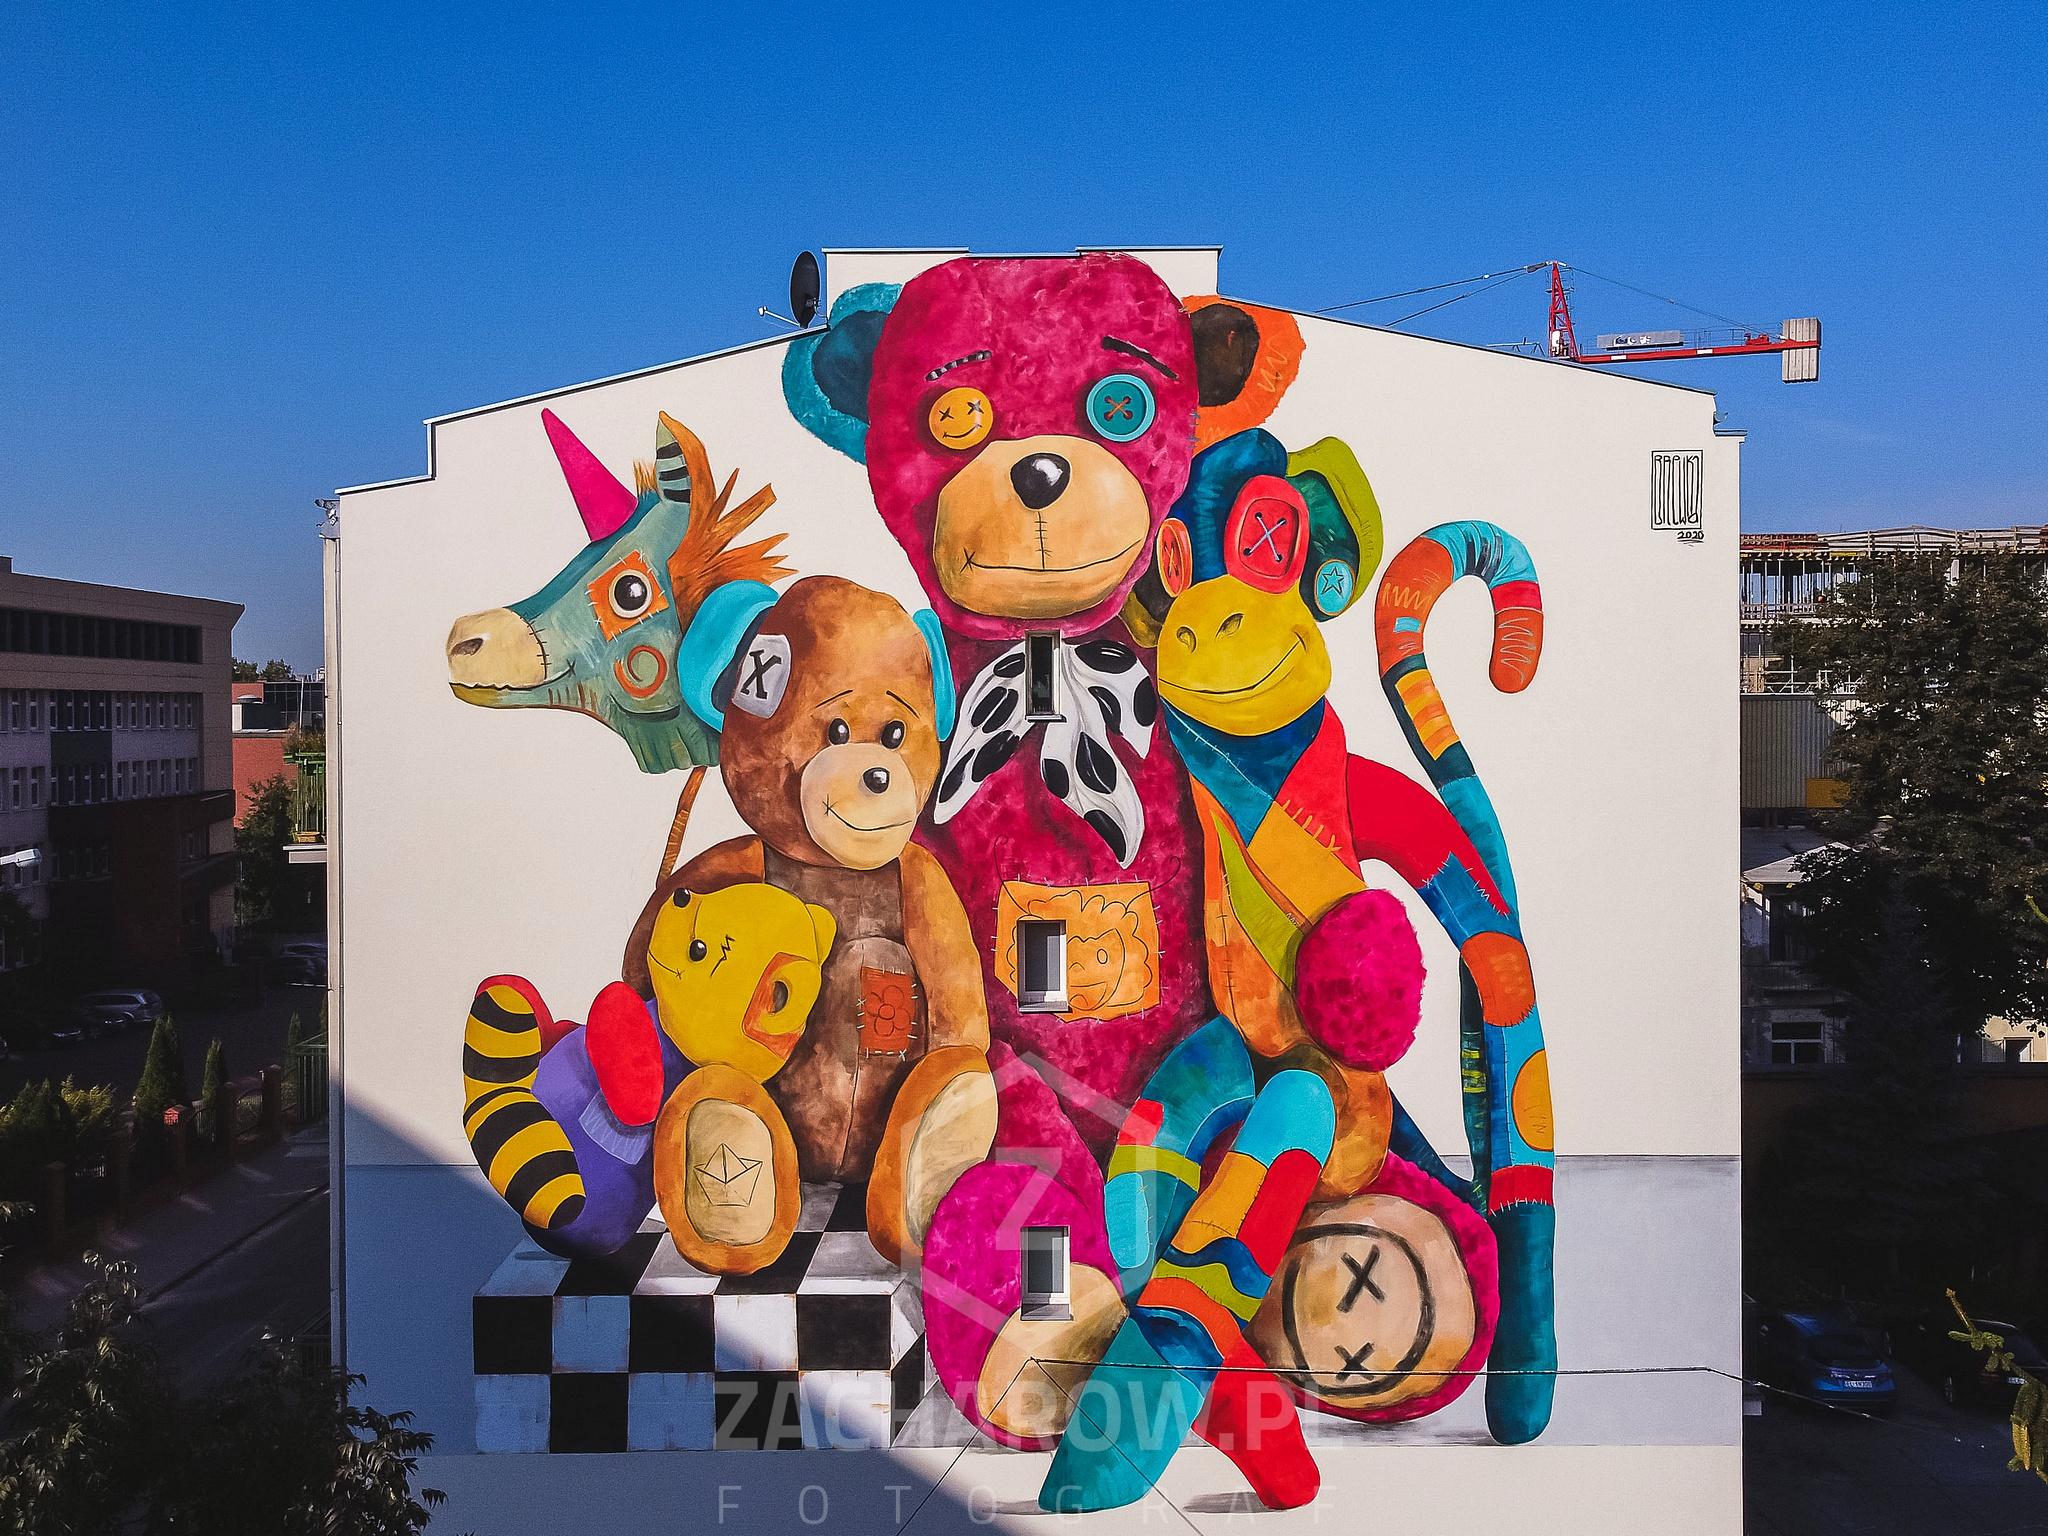 Otwarcie muralu dla Mai